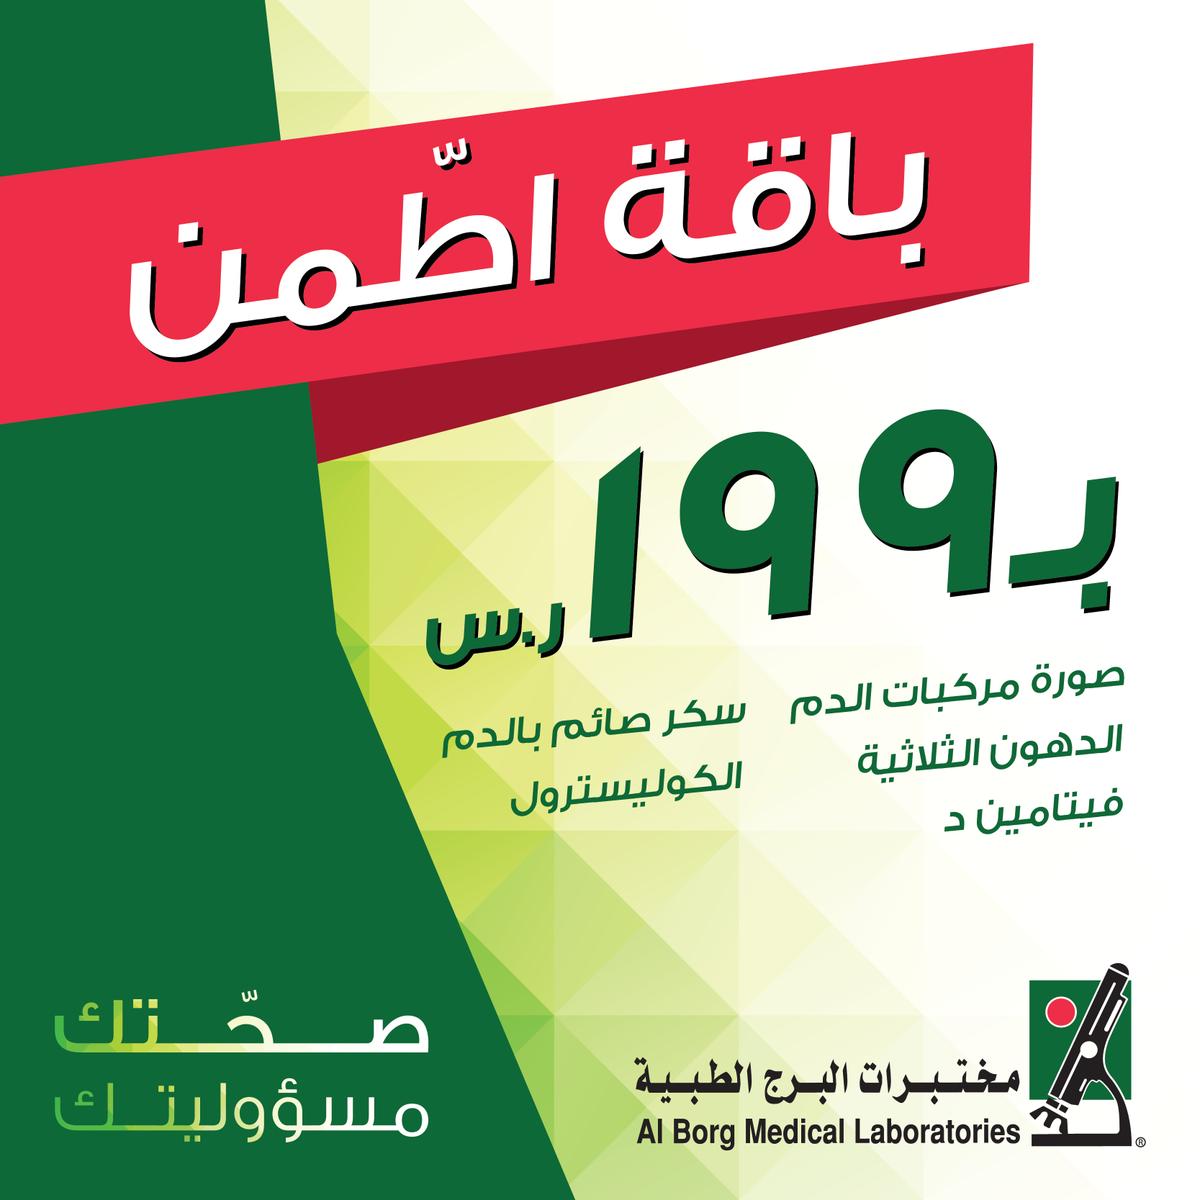 اسعار عروض مختبرات البرج في السعودية 2020